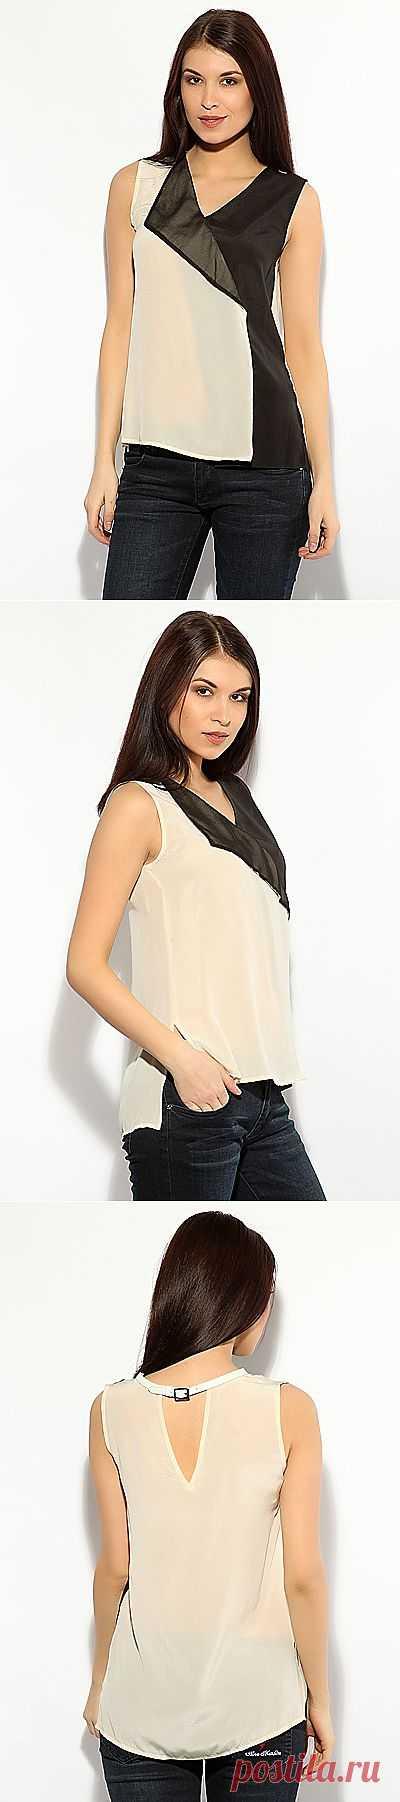 Простой топ / Простые выкройки / Модный сайт о стильной переделке одежды и интерьера